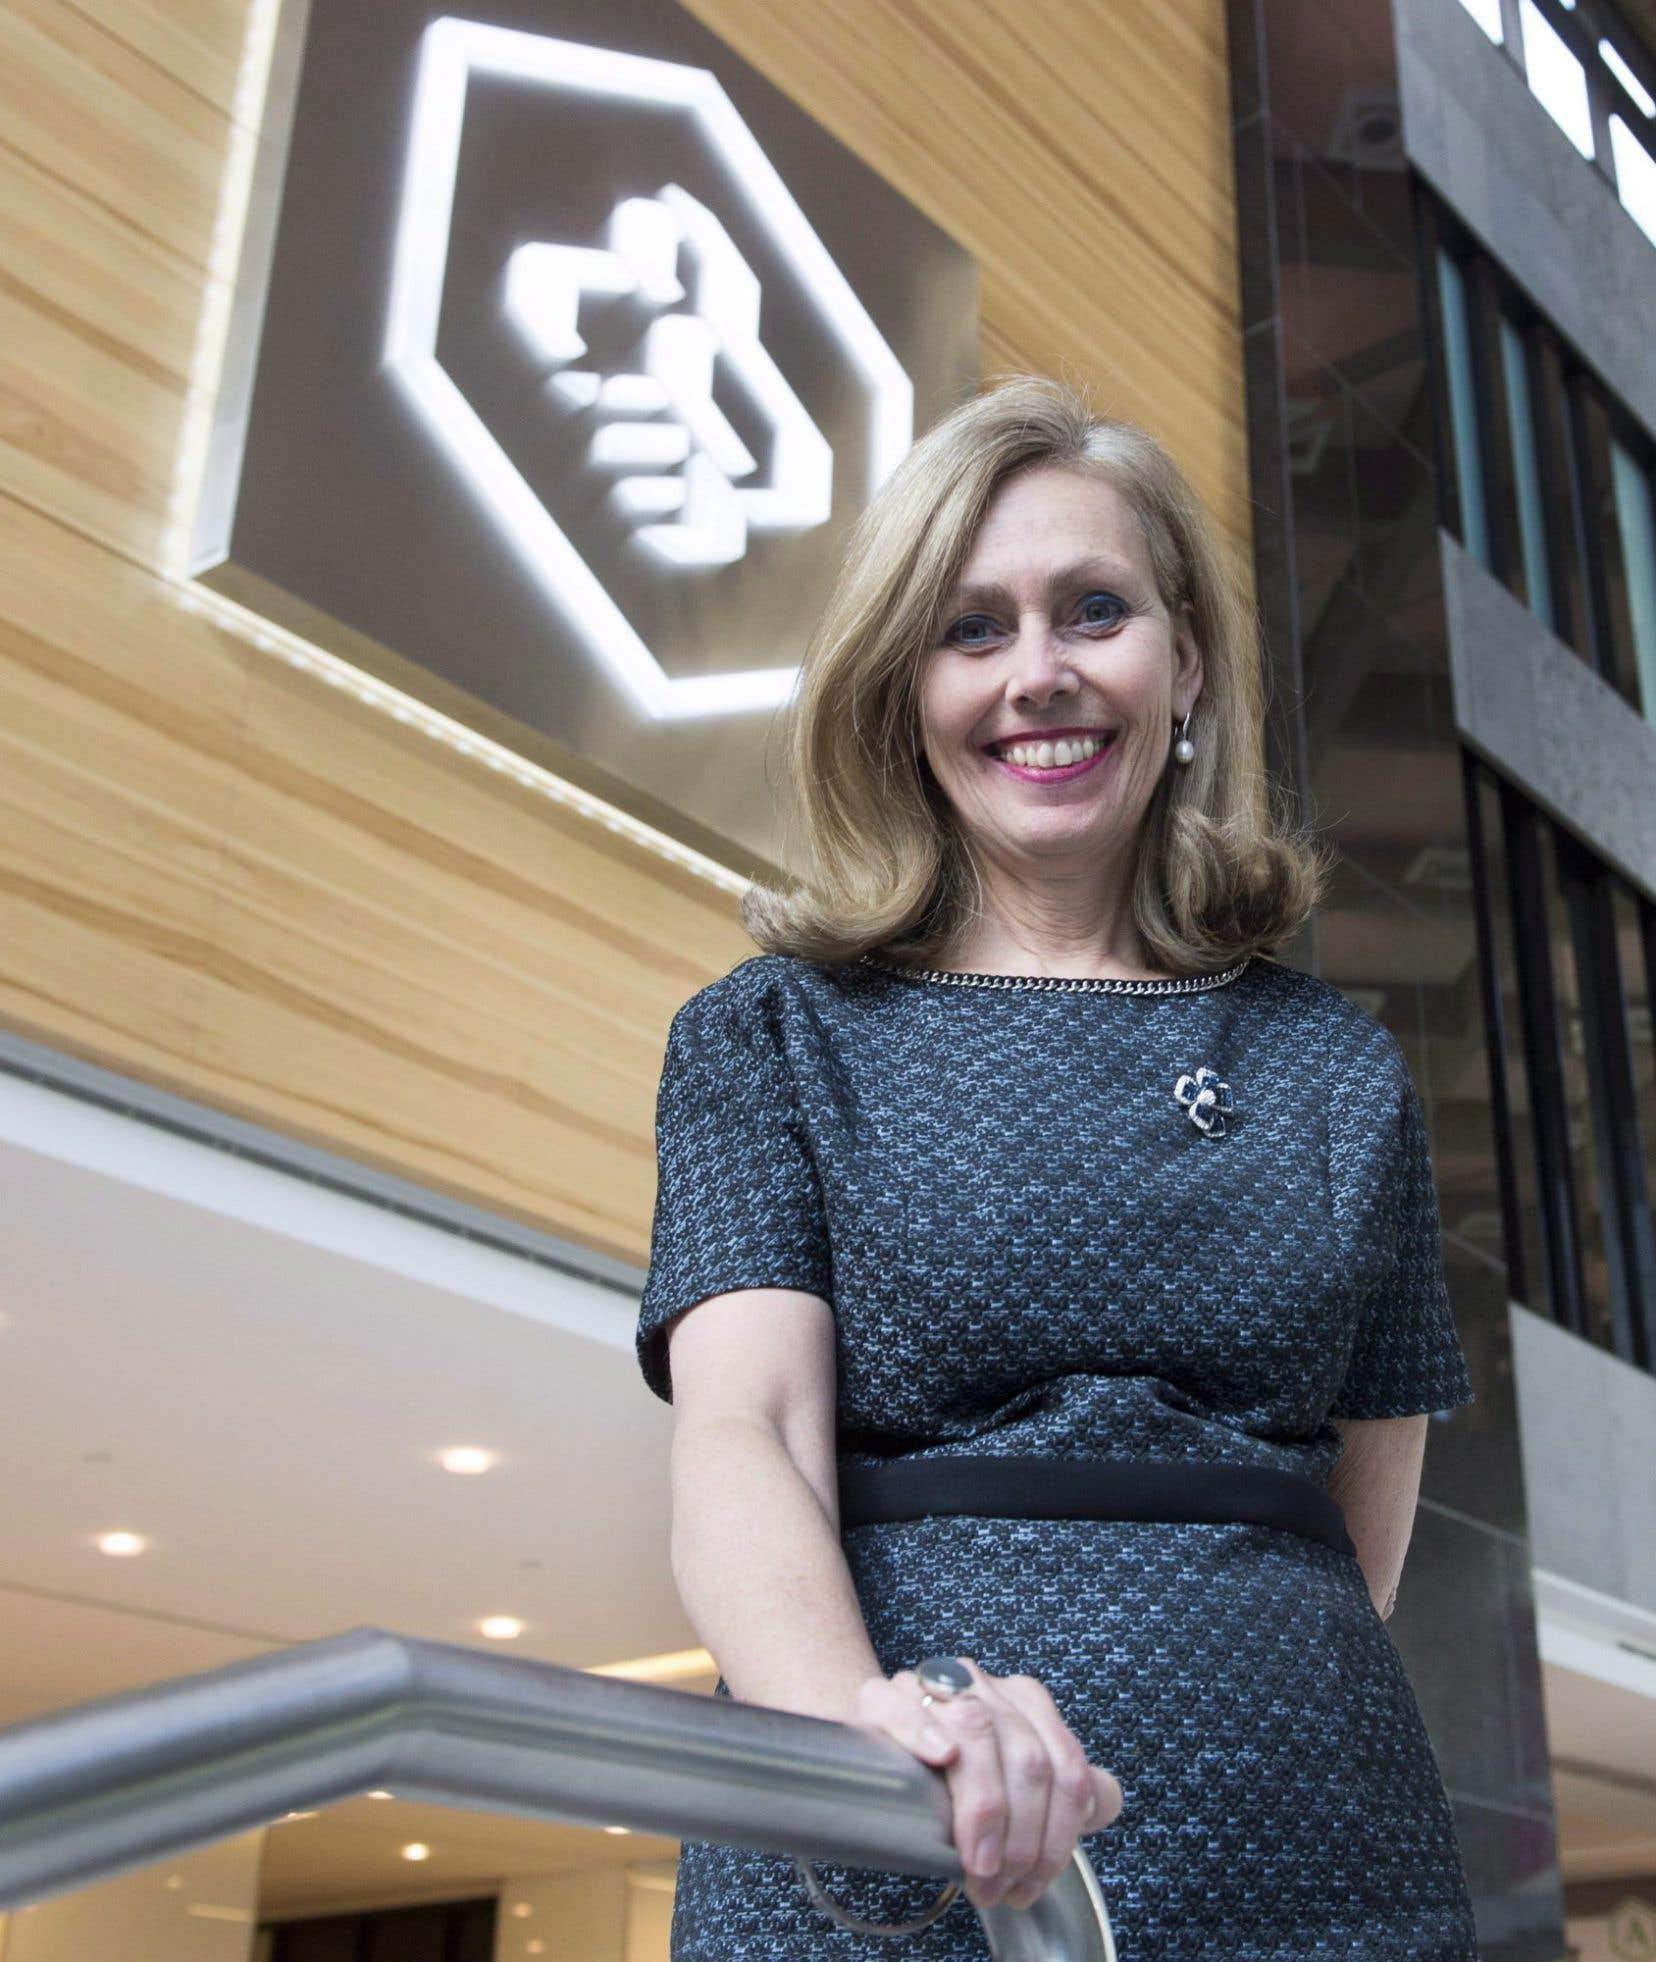 Selon les règles de gouvernance propres au Mouvement Desjardins, Monique F. Leroux doit céder la direction après avoir effectué deux mandats de quatre ans.